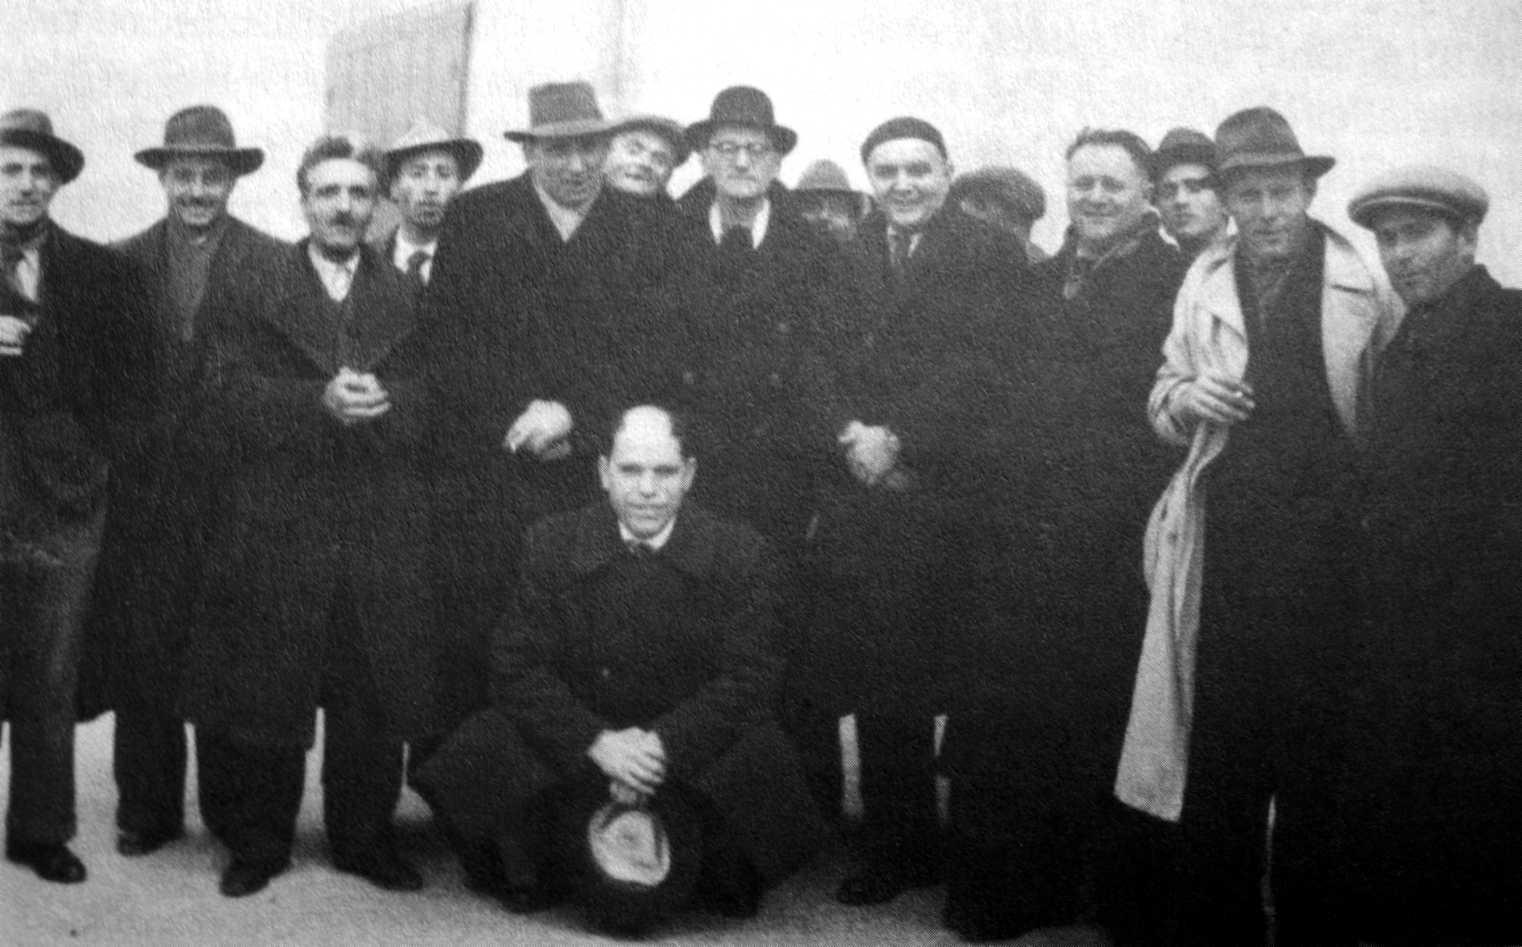 I Congrés de la FAI (Carrara, 15-19 de setembre de 1945). Marcello Bianconi, quart per la dreta. A la seva dreta Ugo Fedeli. A la gatzoneta Ugo Mazzucchelli